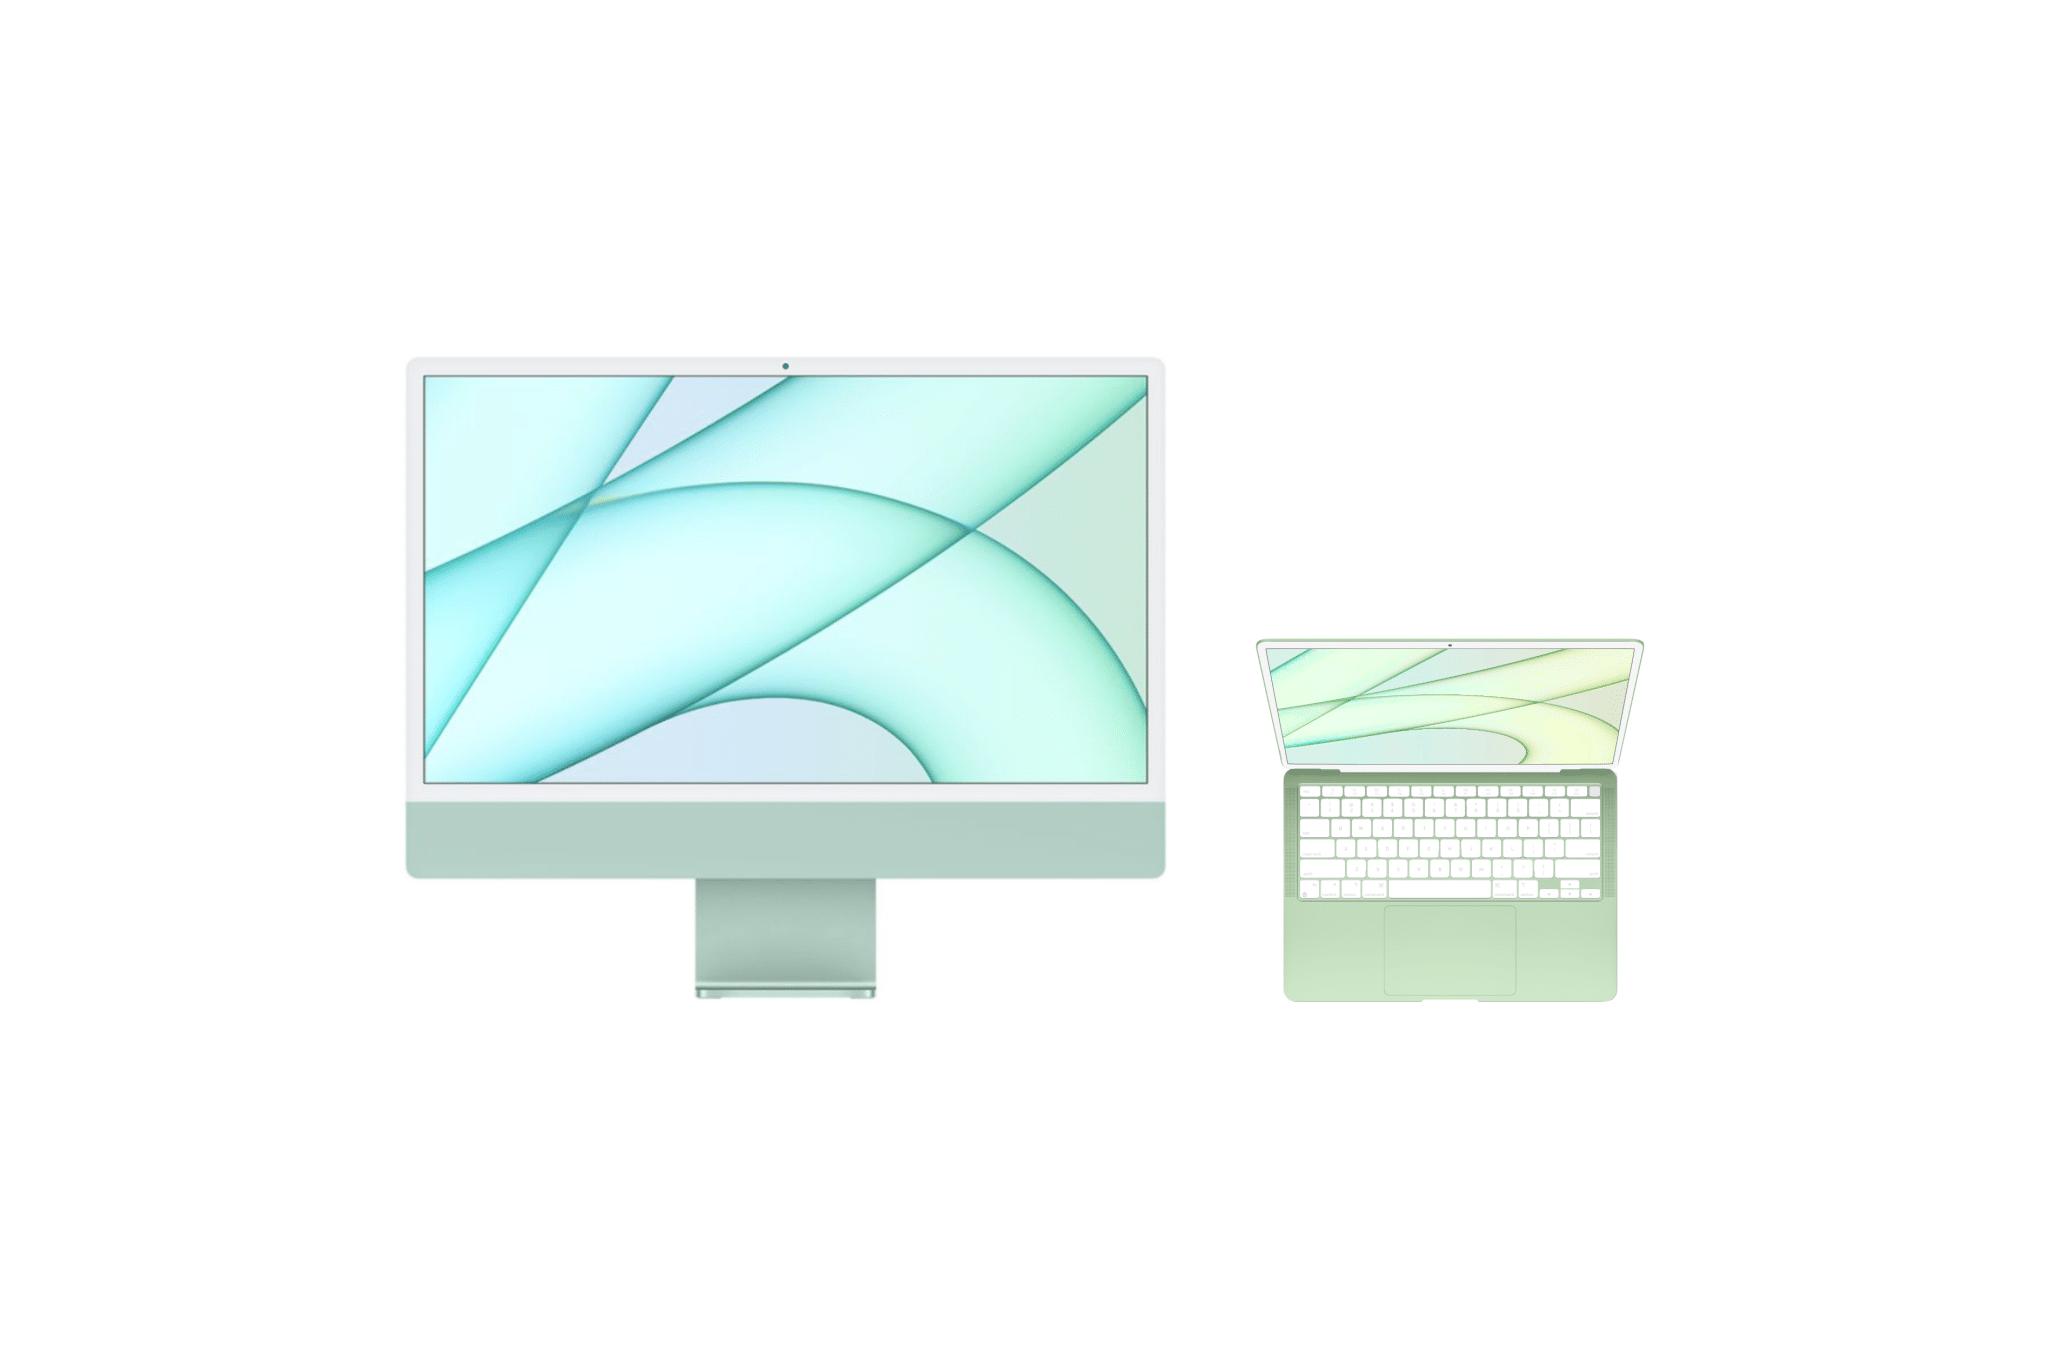 Conceito de MacBook Air inspirado no novo iMac